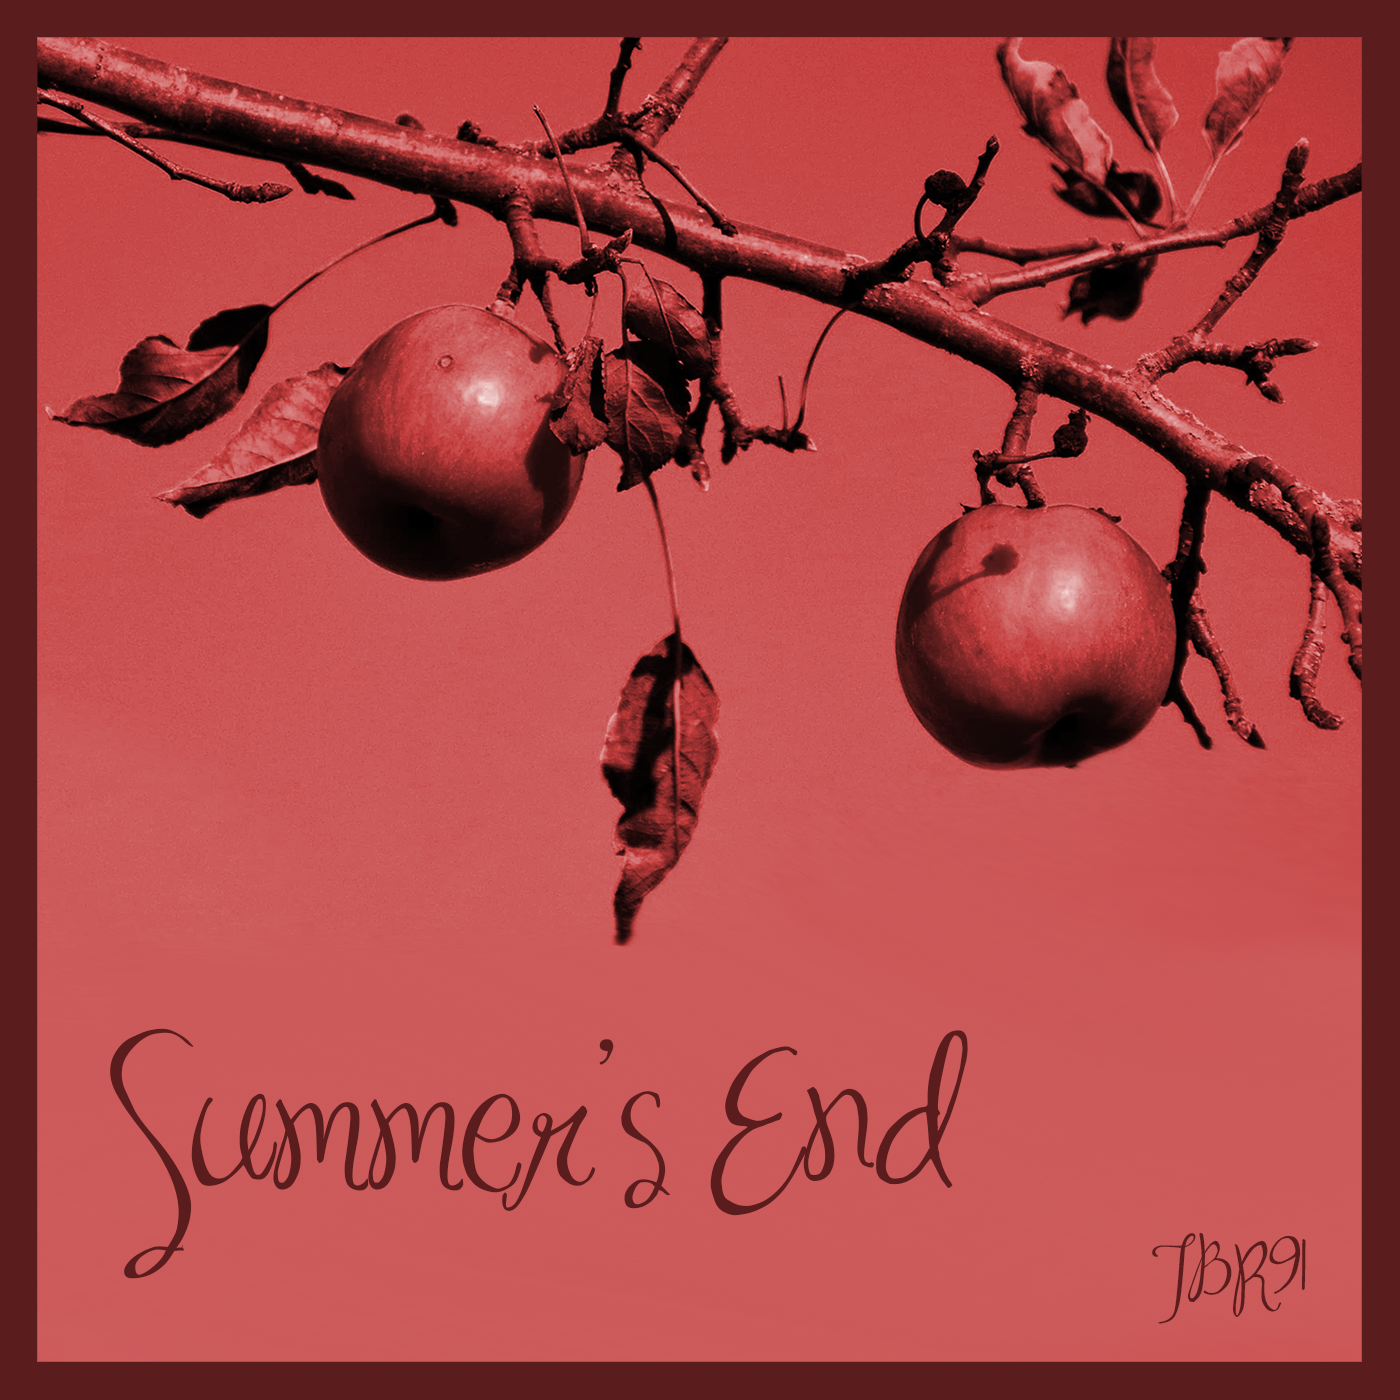 Episode 91 - Summer's End